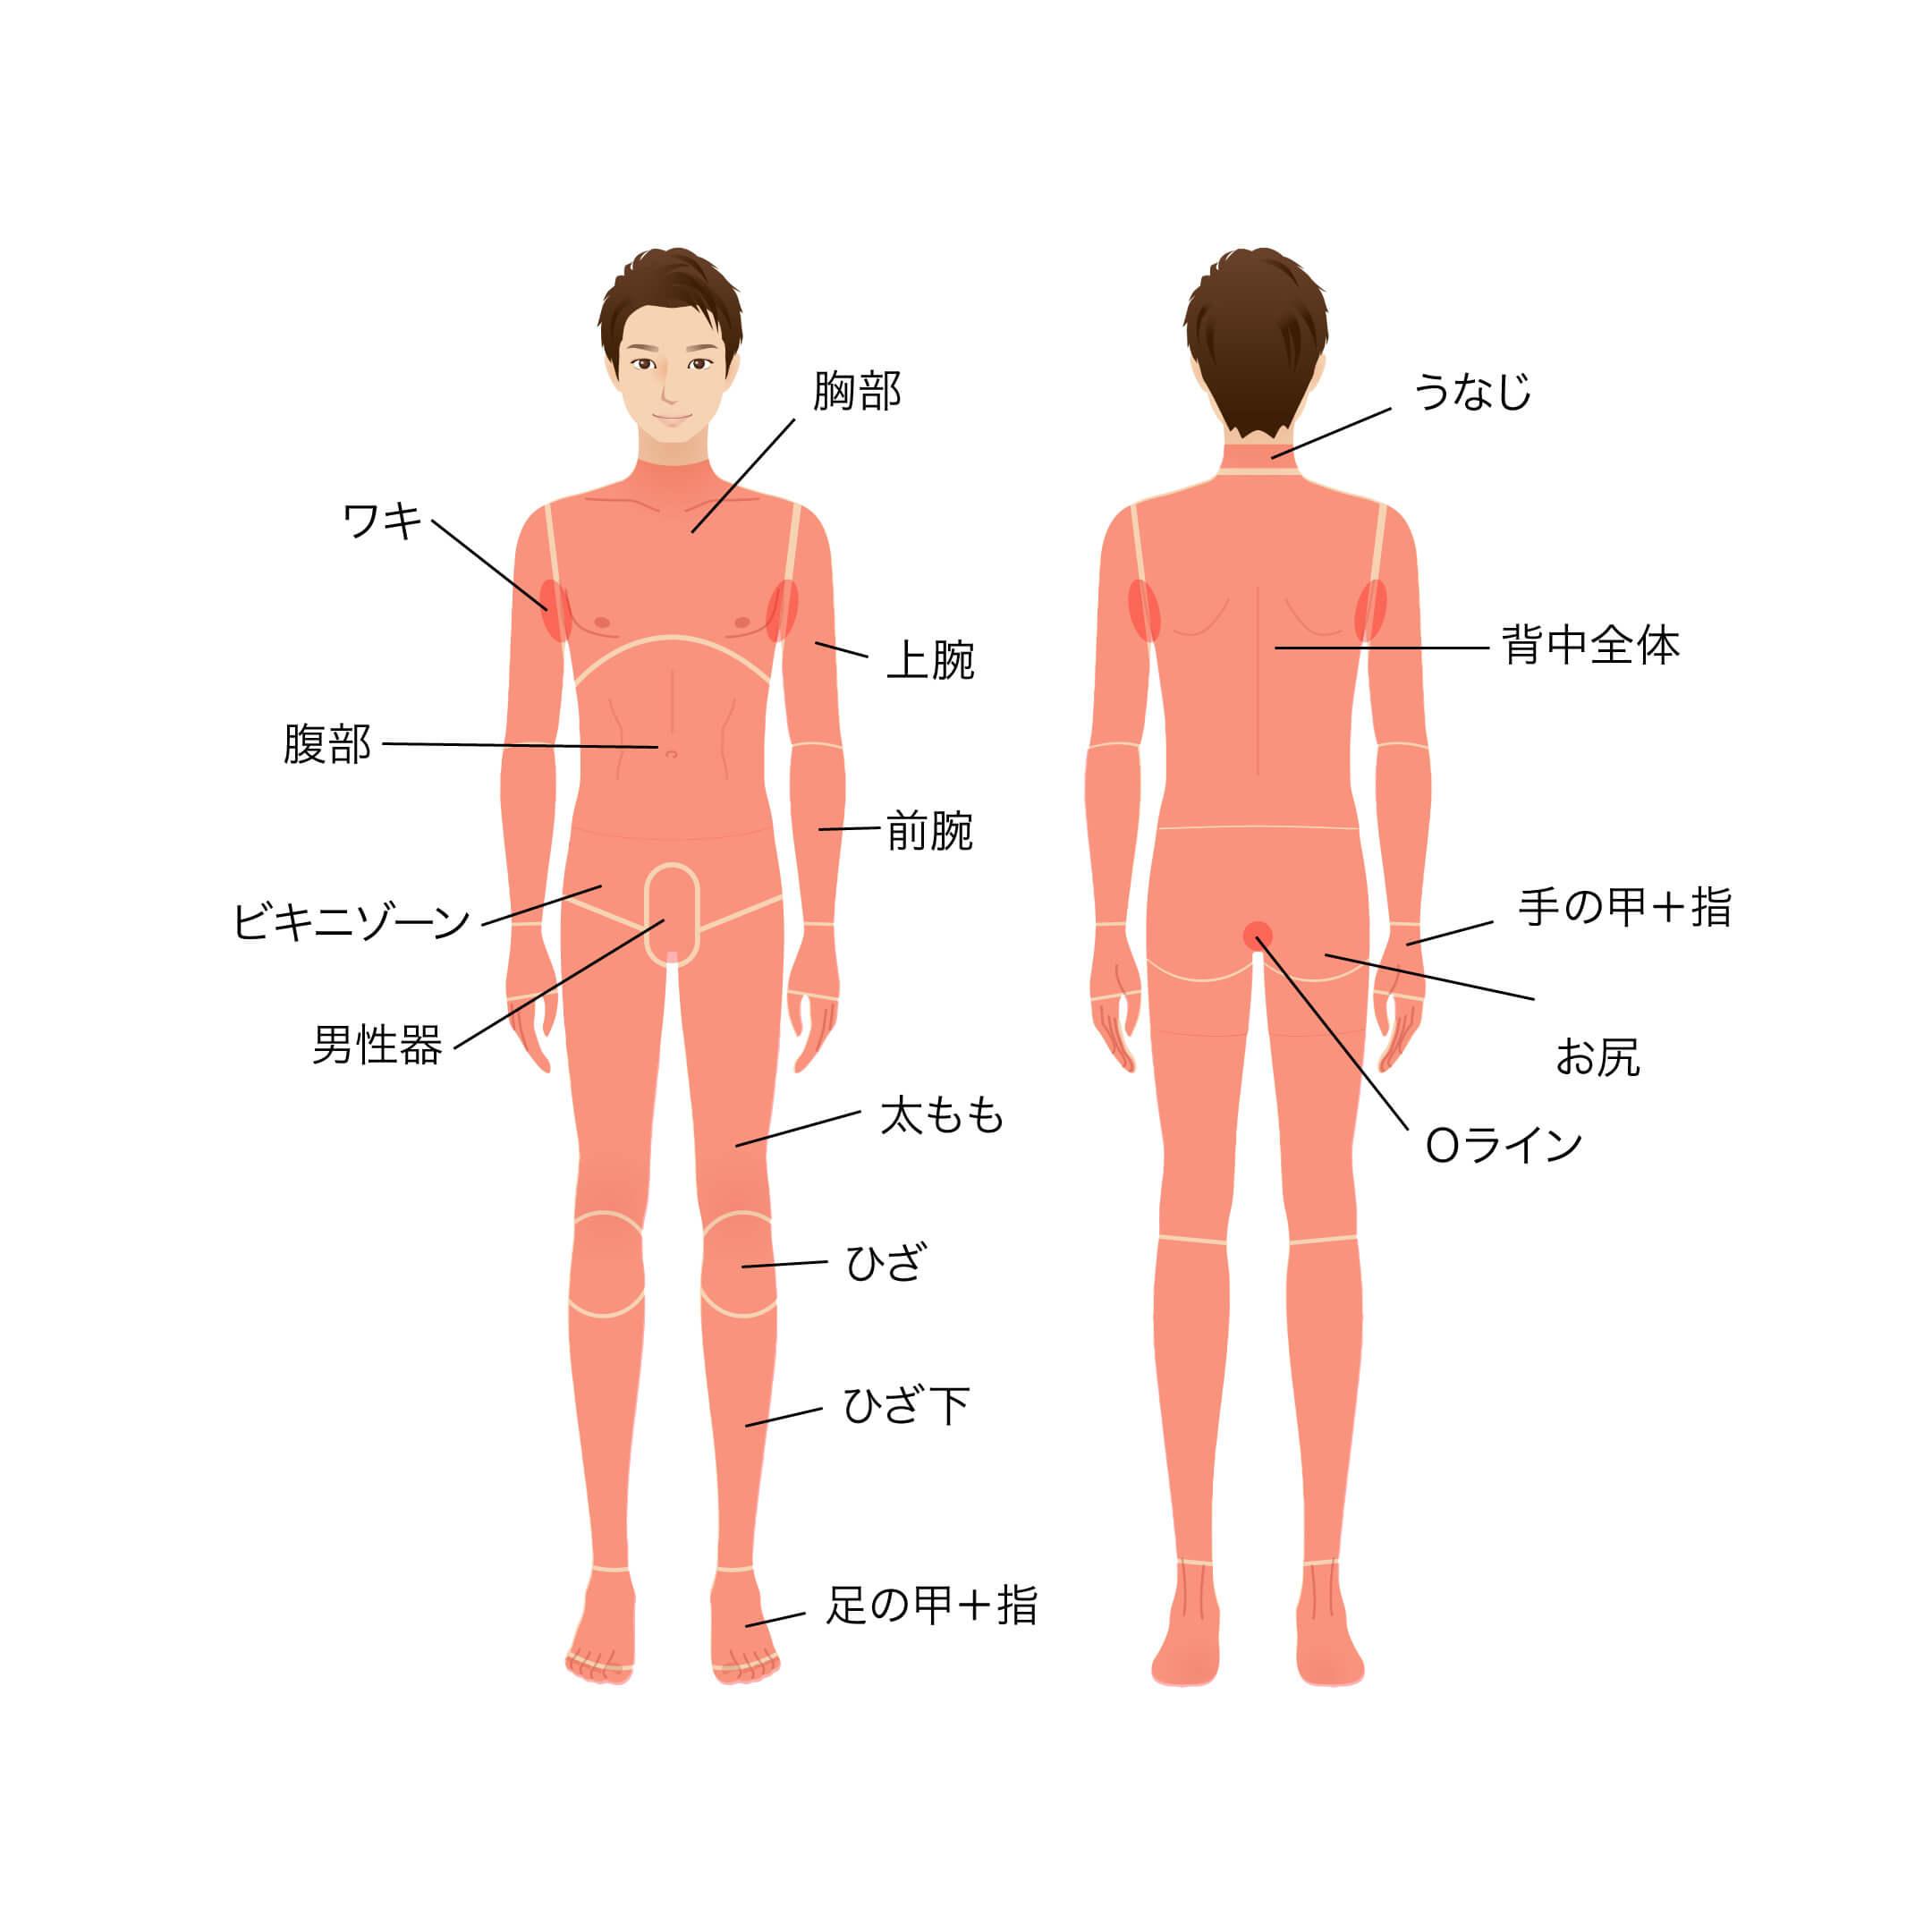 全身・胸部・ワキ・上腕・前腕・腹部・ビキニゾーン・男性器・太もも・ひざ・ひざ下・足の甲+指・うなじ・背中全体・手の甲+指・お尻・Oライン